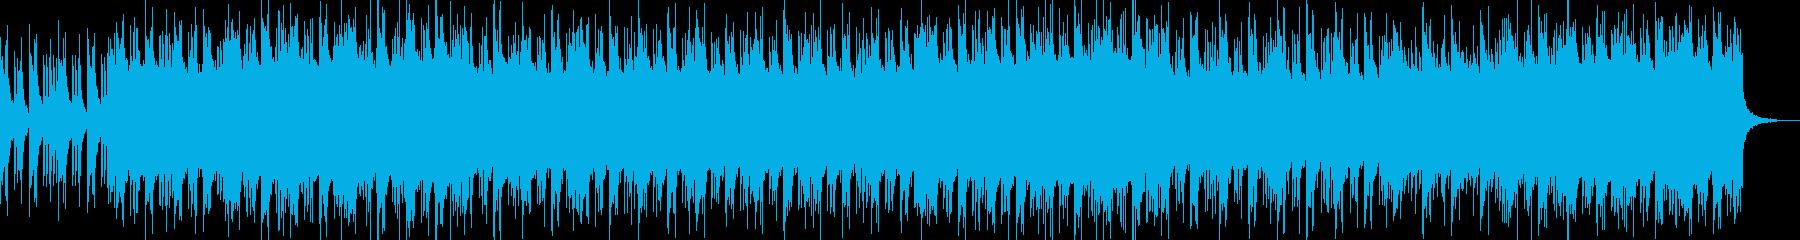 明るめピアノに空間ドラムとエレクトロの再生済みの波形